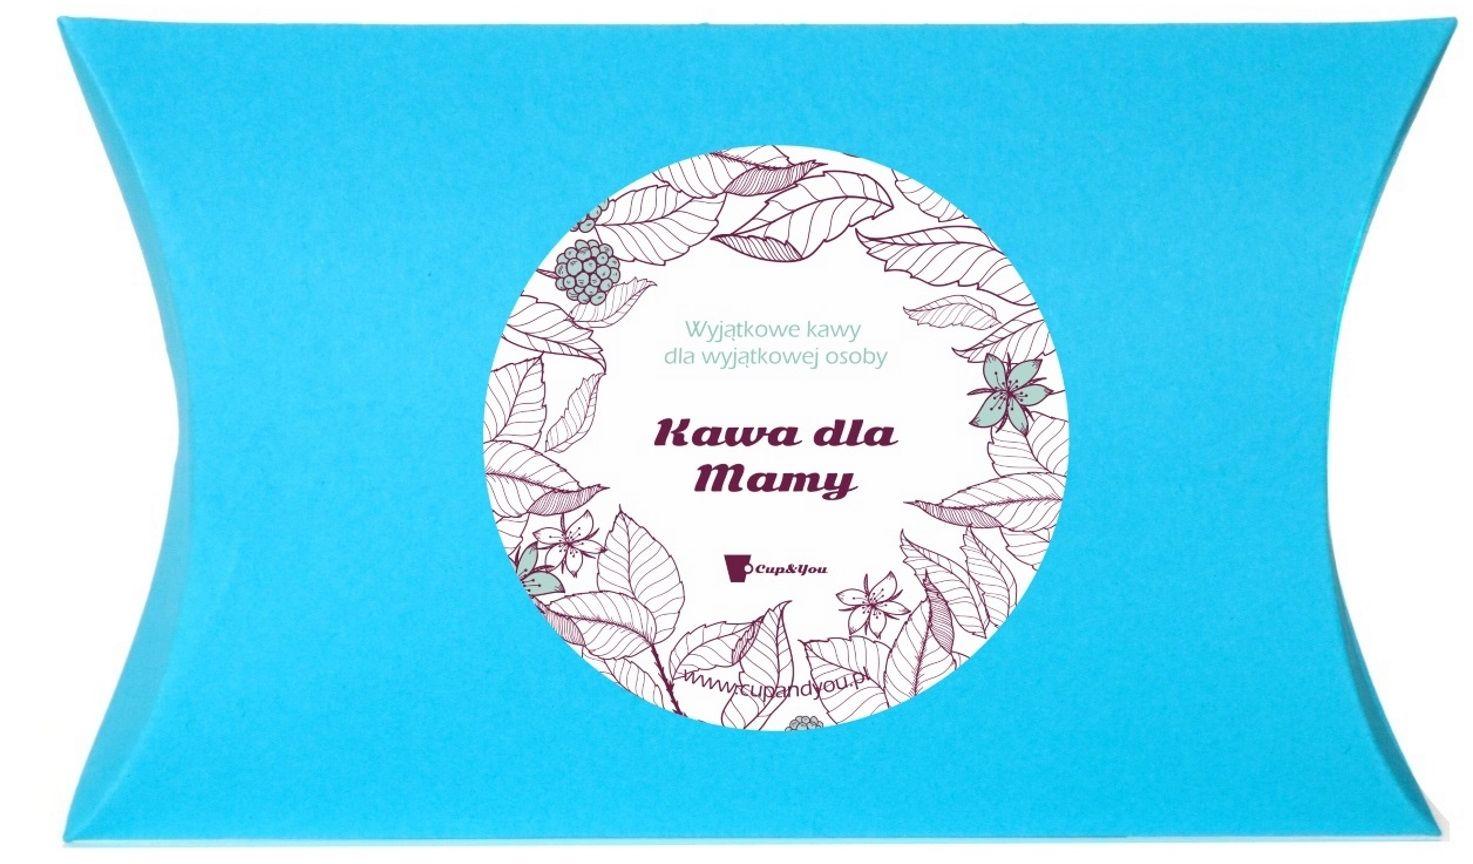 Zestaw Kaw dla Mamy - prezent upominek dla mamy z okazji Dnia Matki z kawą mieloną Arabica - 10 smaków x 10g